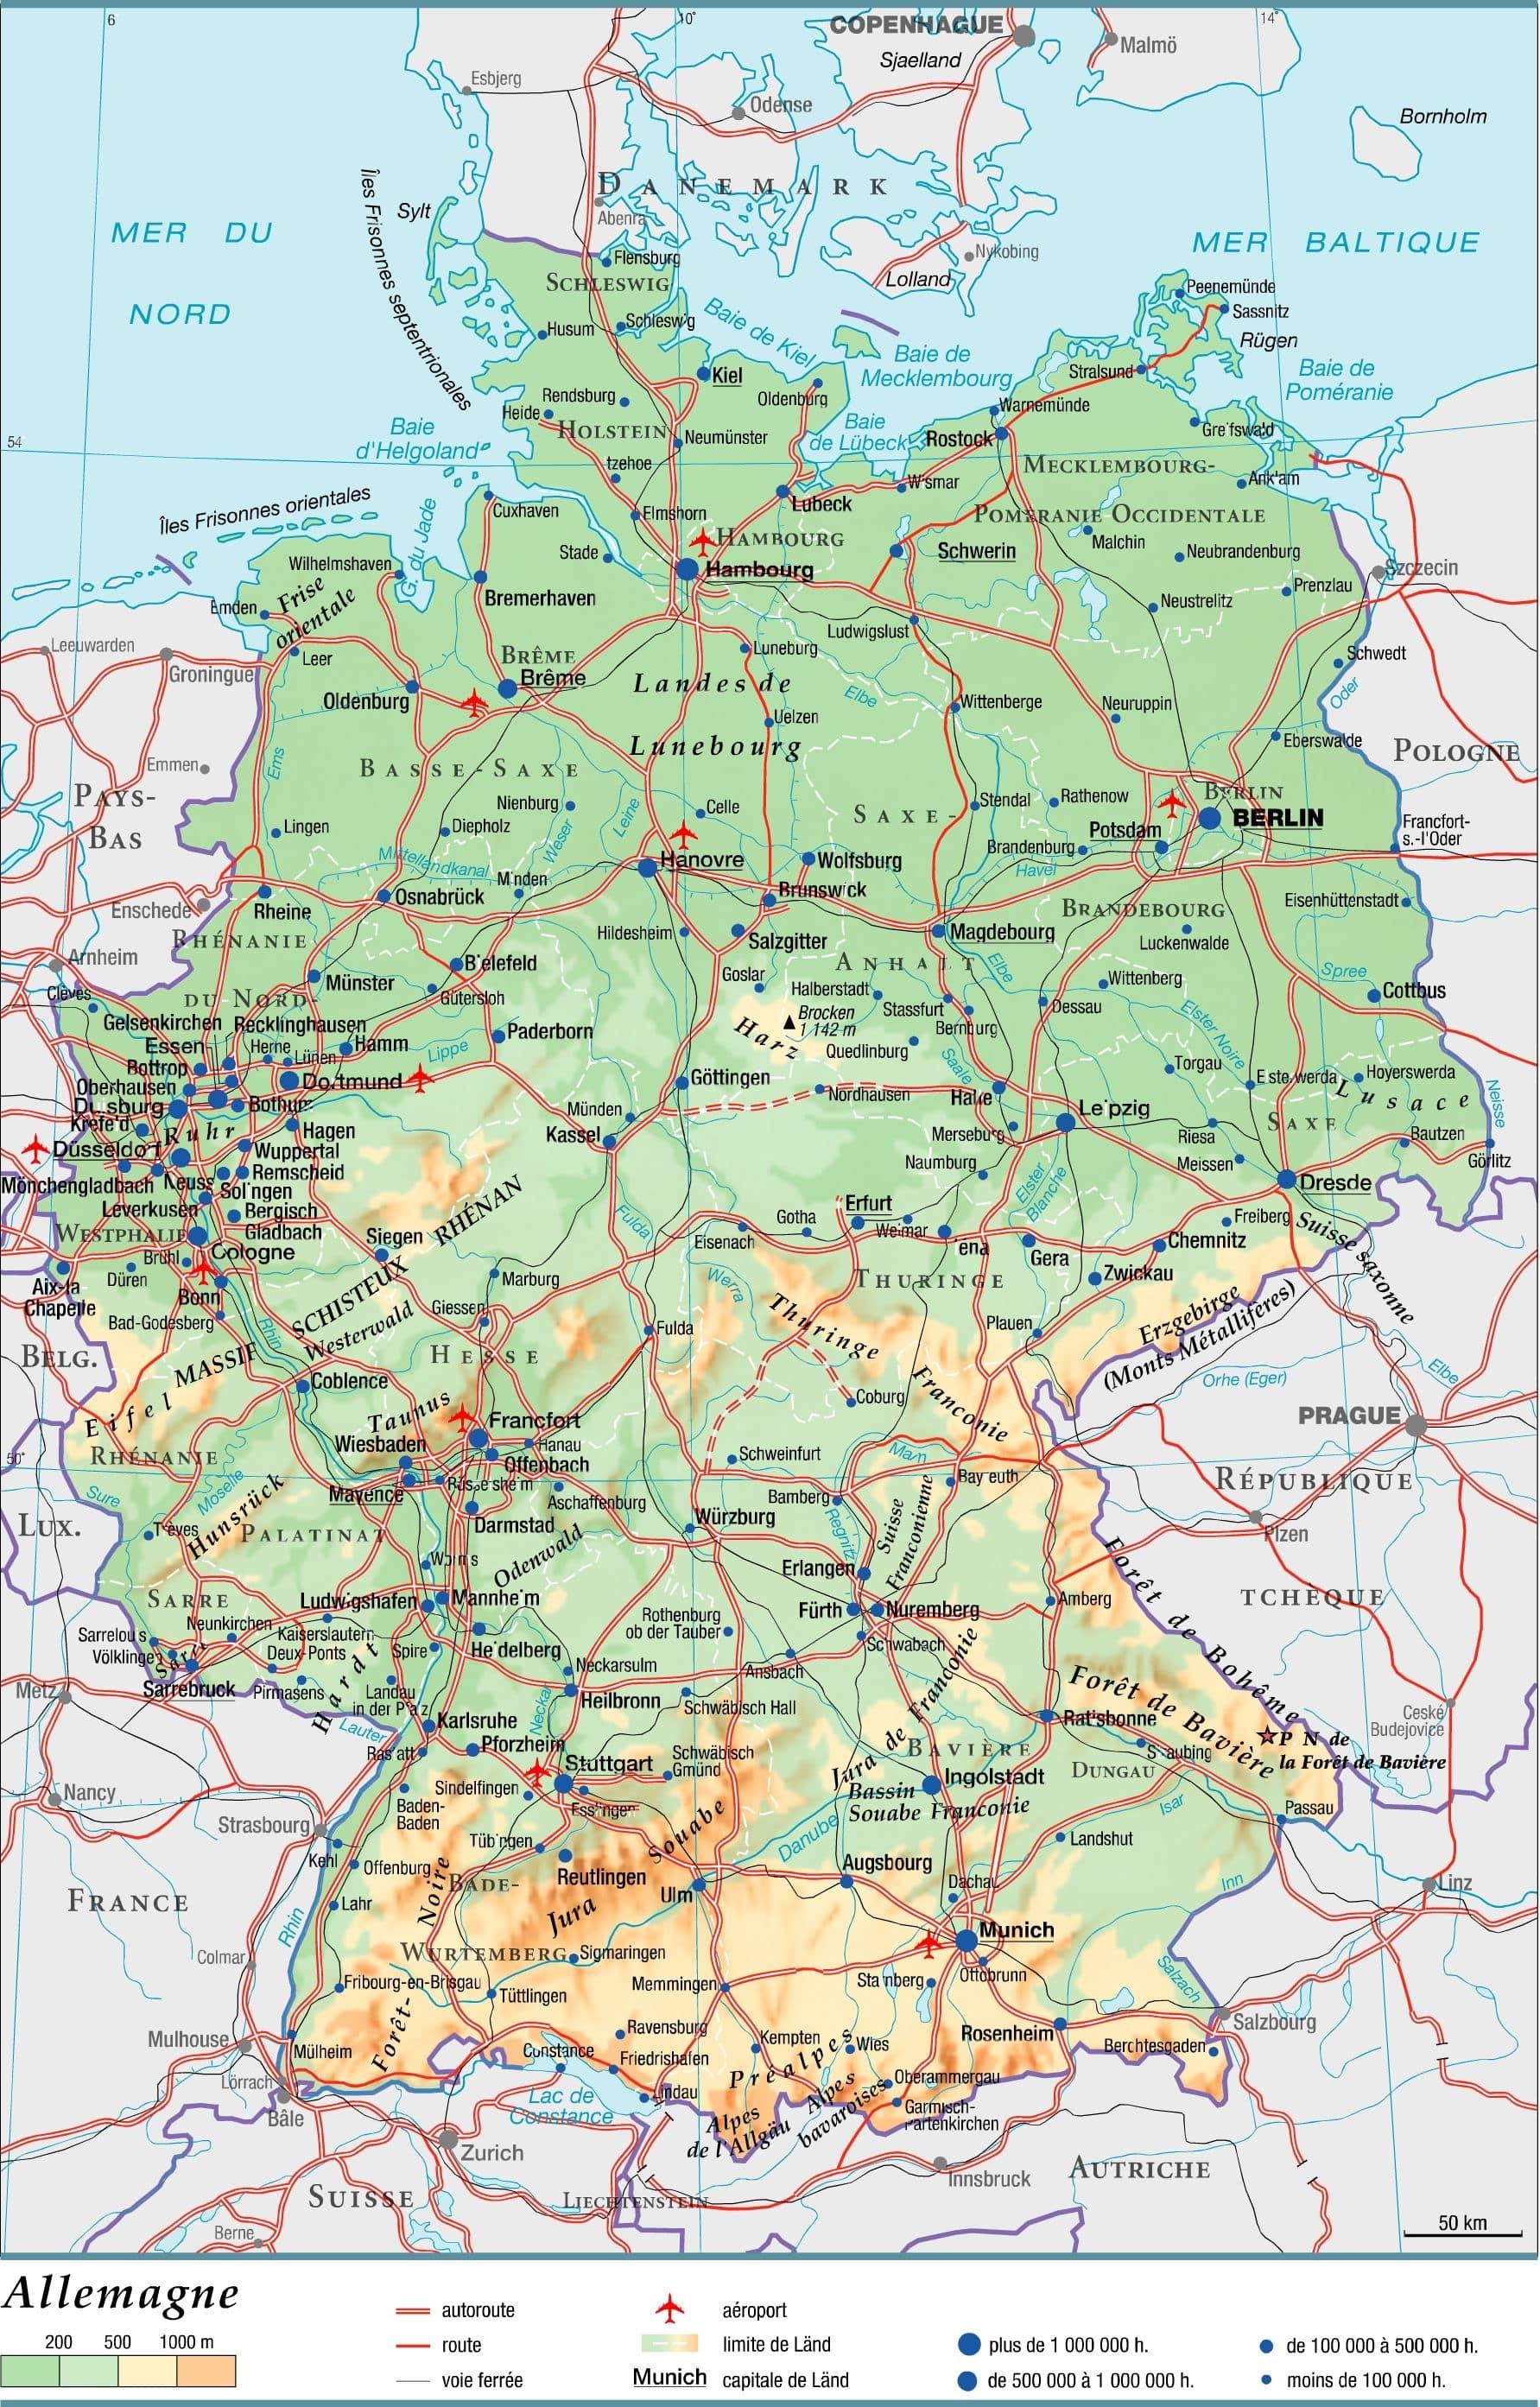 Carte Allemagne Geographique.Cartograf Fr L Allemagne Page 2